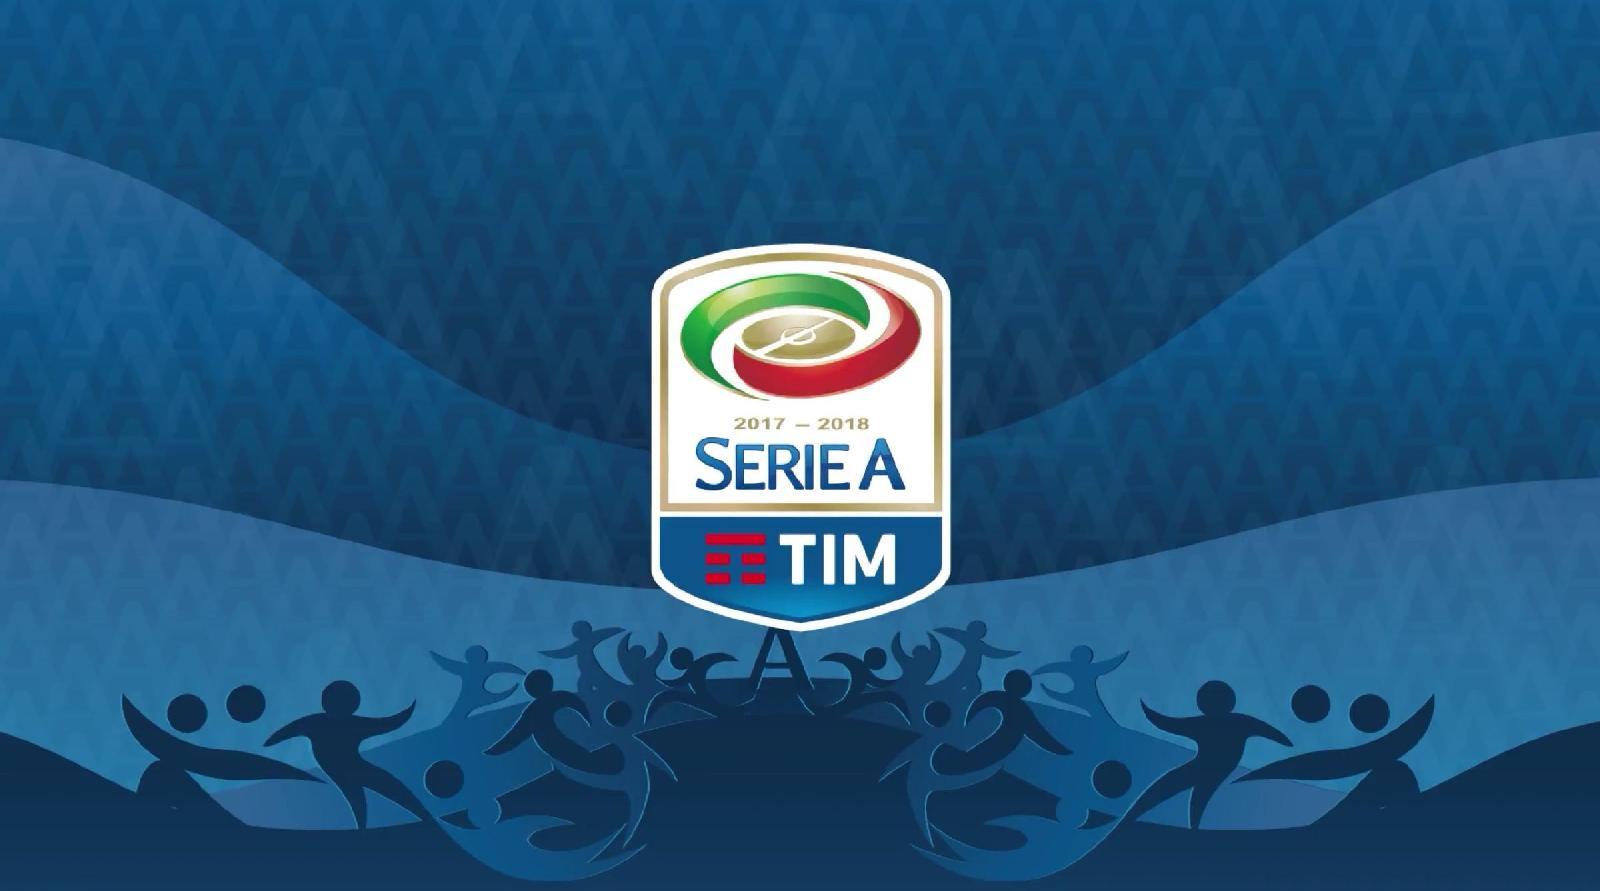 Calendario Oggi Serie A.Serie A Oggi I Calendari La Roma Rischia Di Giocare La